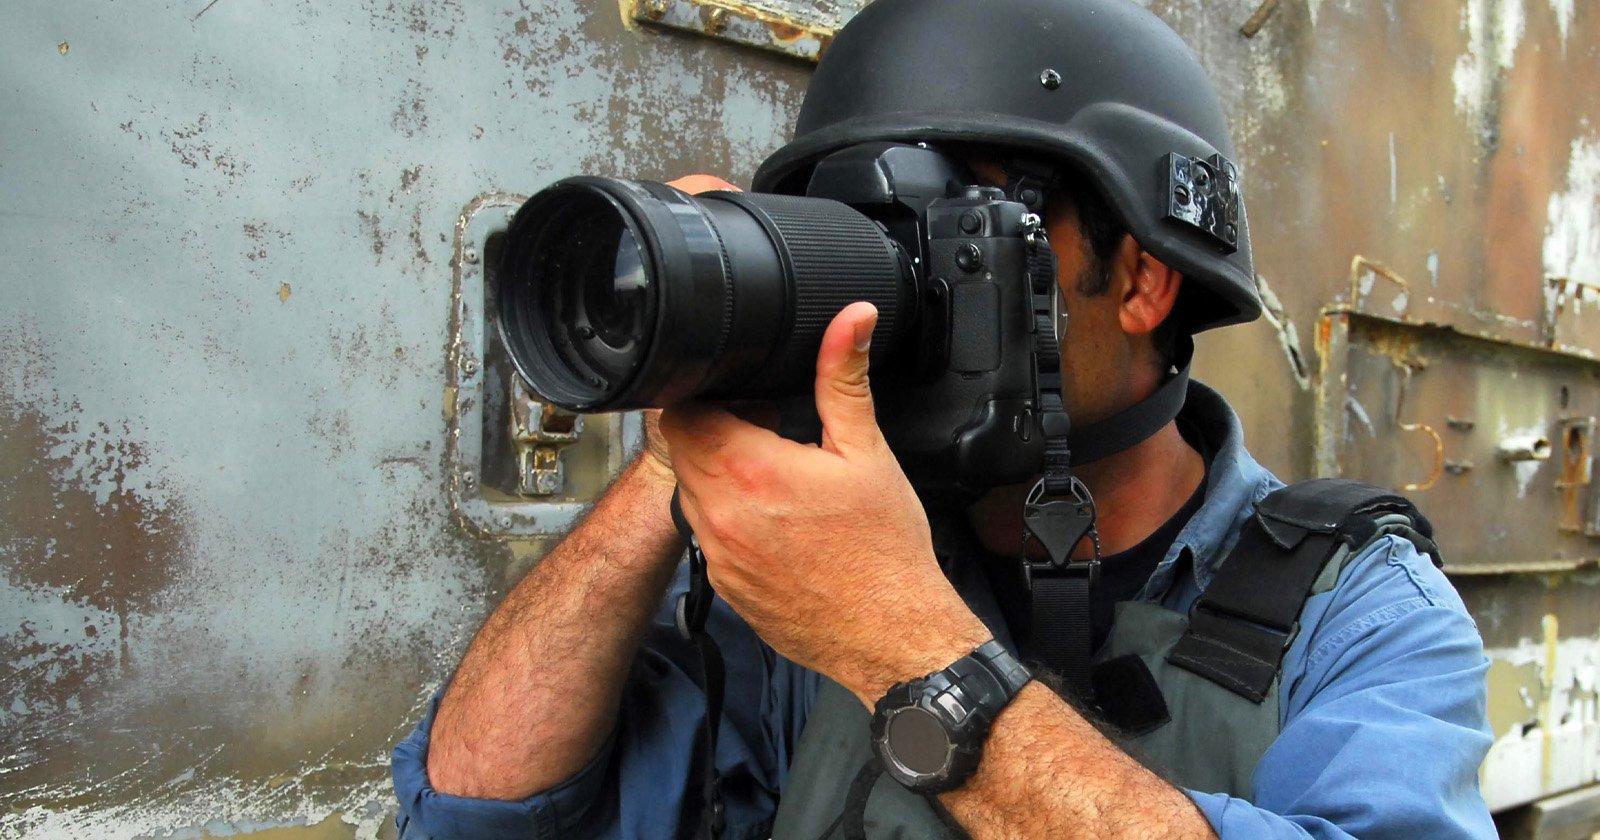 L'agenzia fotografica sostiene che i fotoreporter non hanno protezioni del copyright